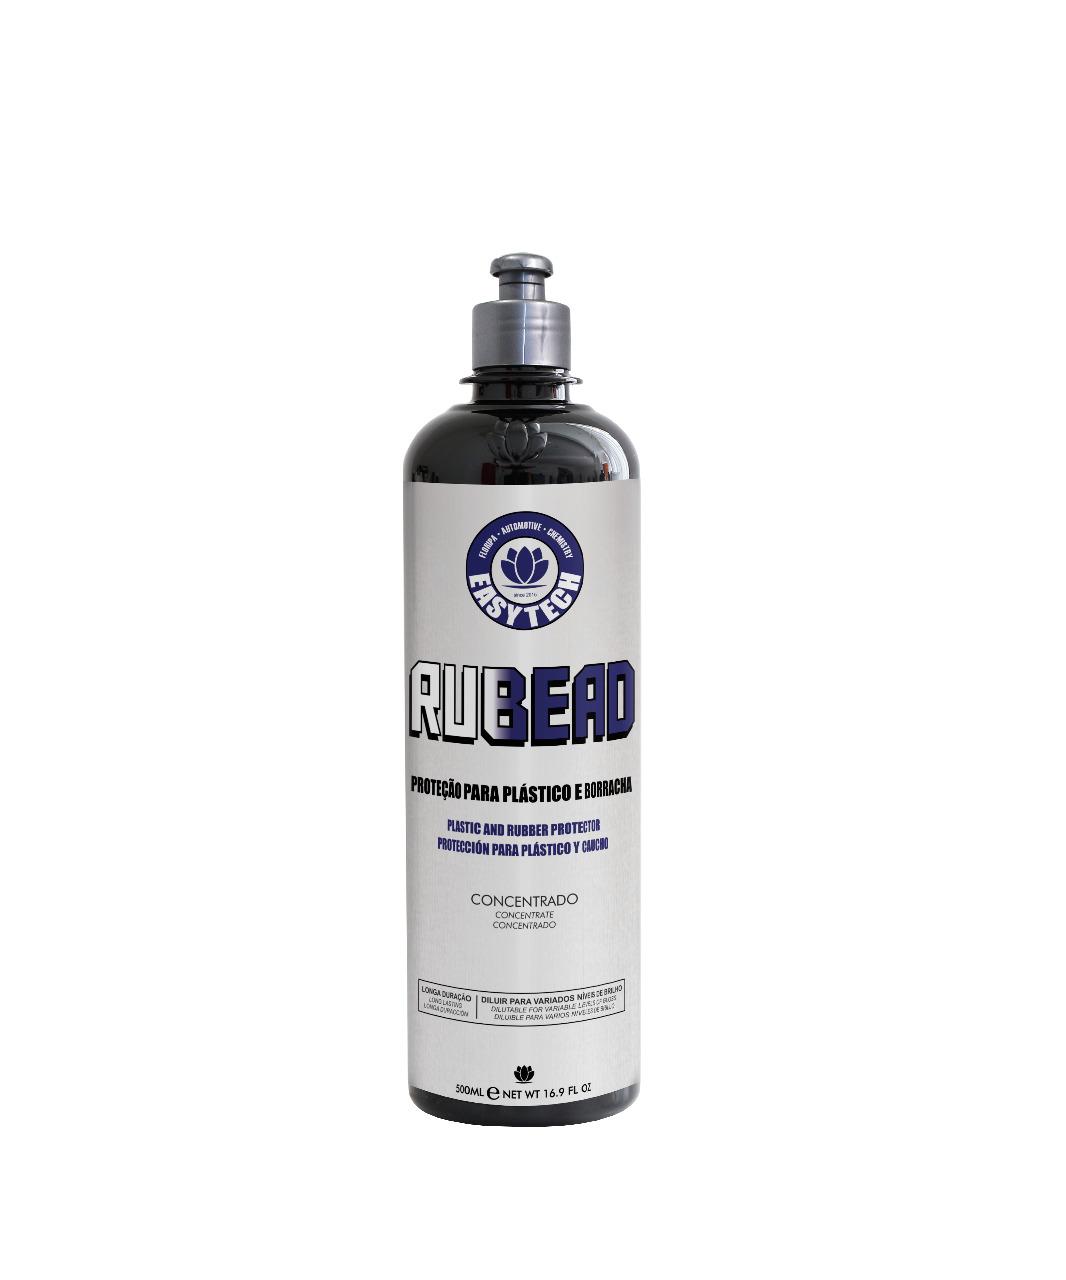 Rubead - Proteção para Caixa de Rodas Plastico e Borracha - 500ml - Easy Tech